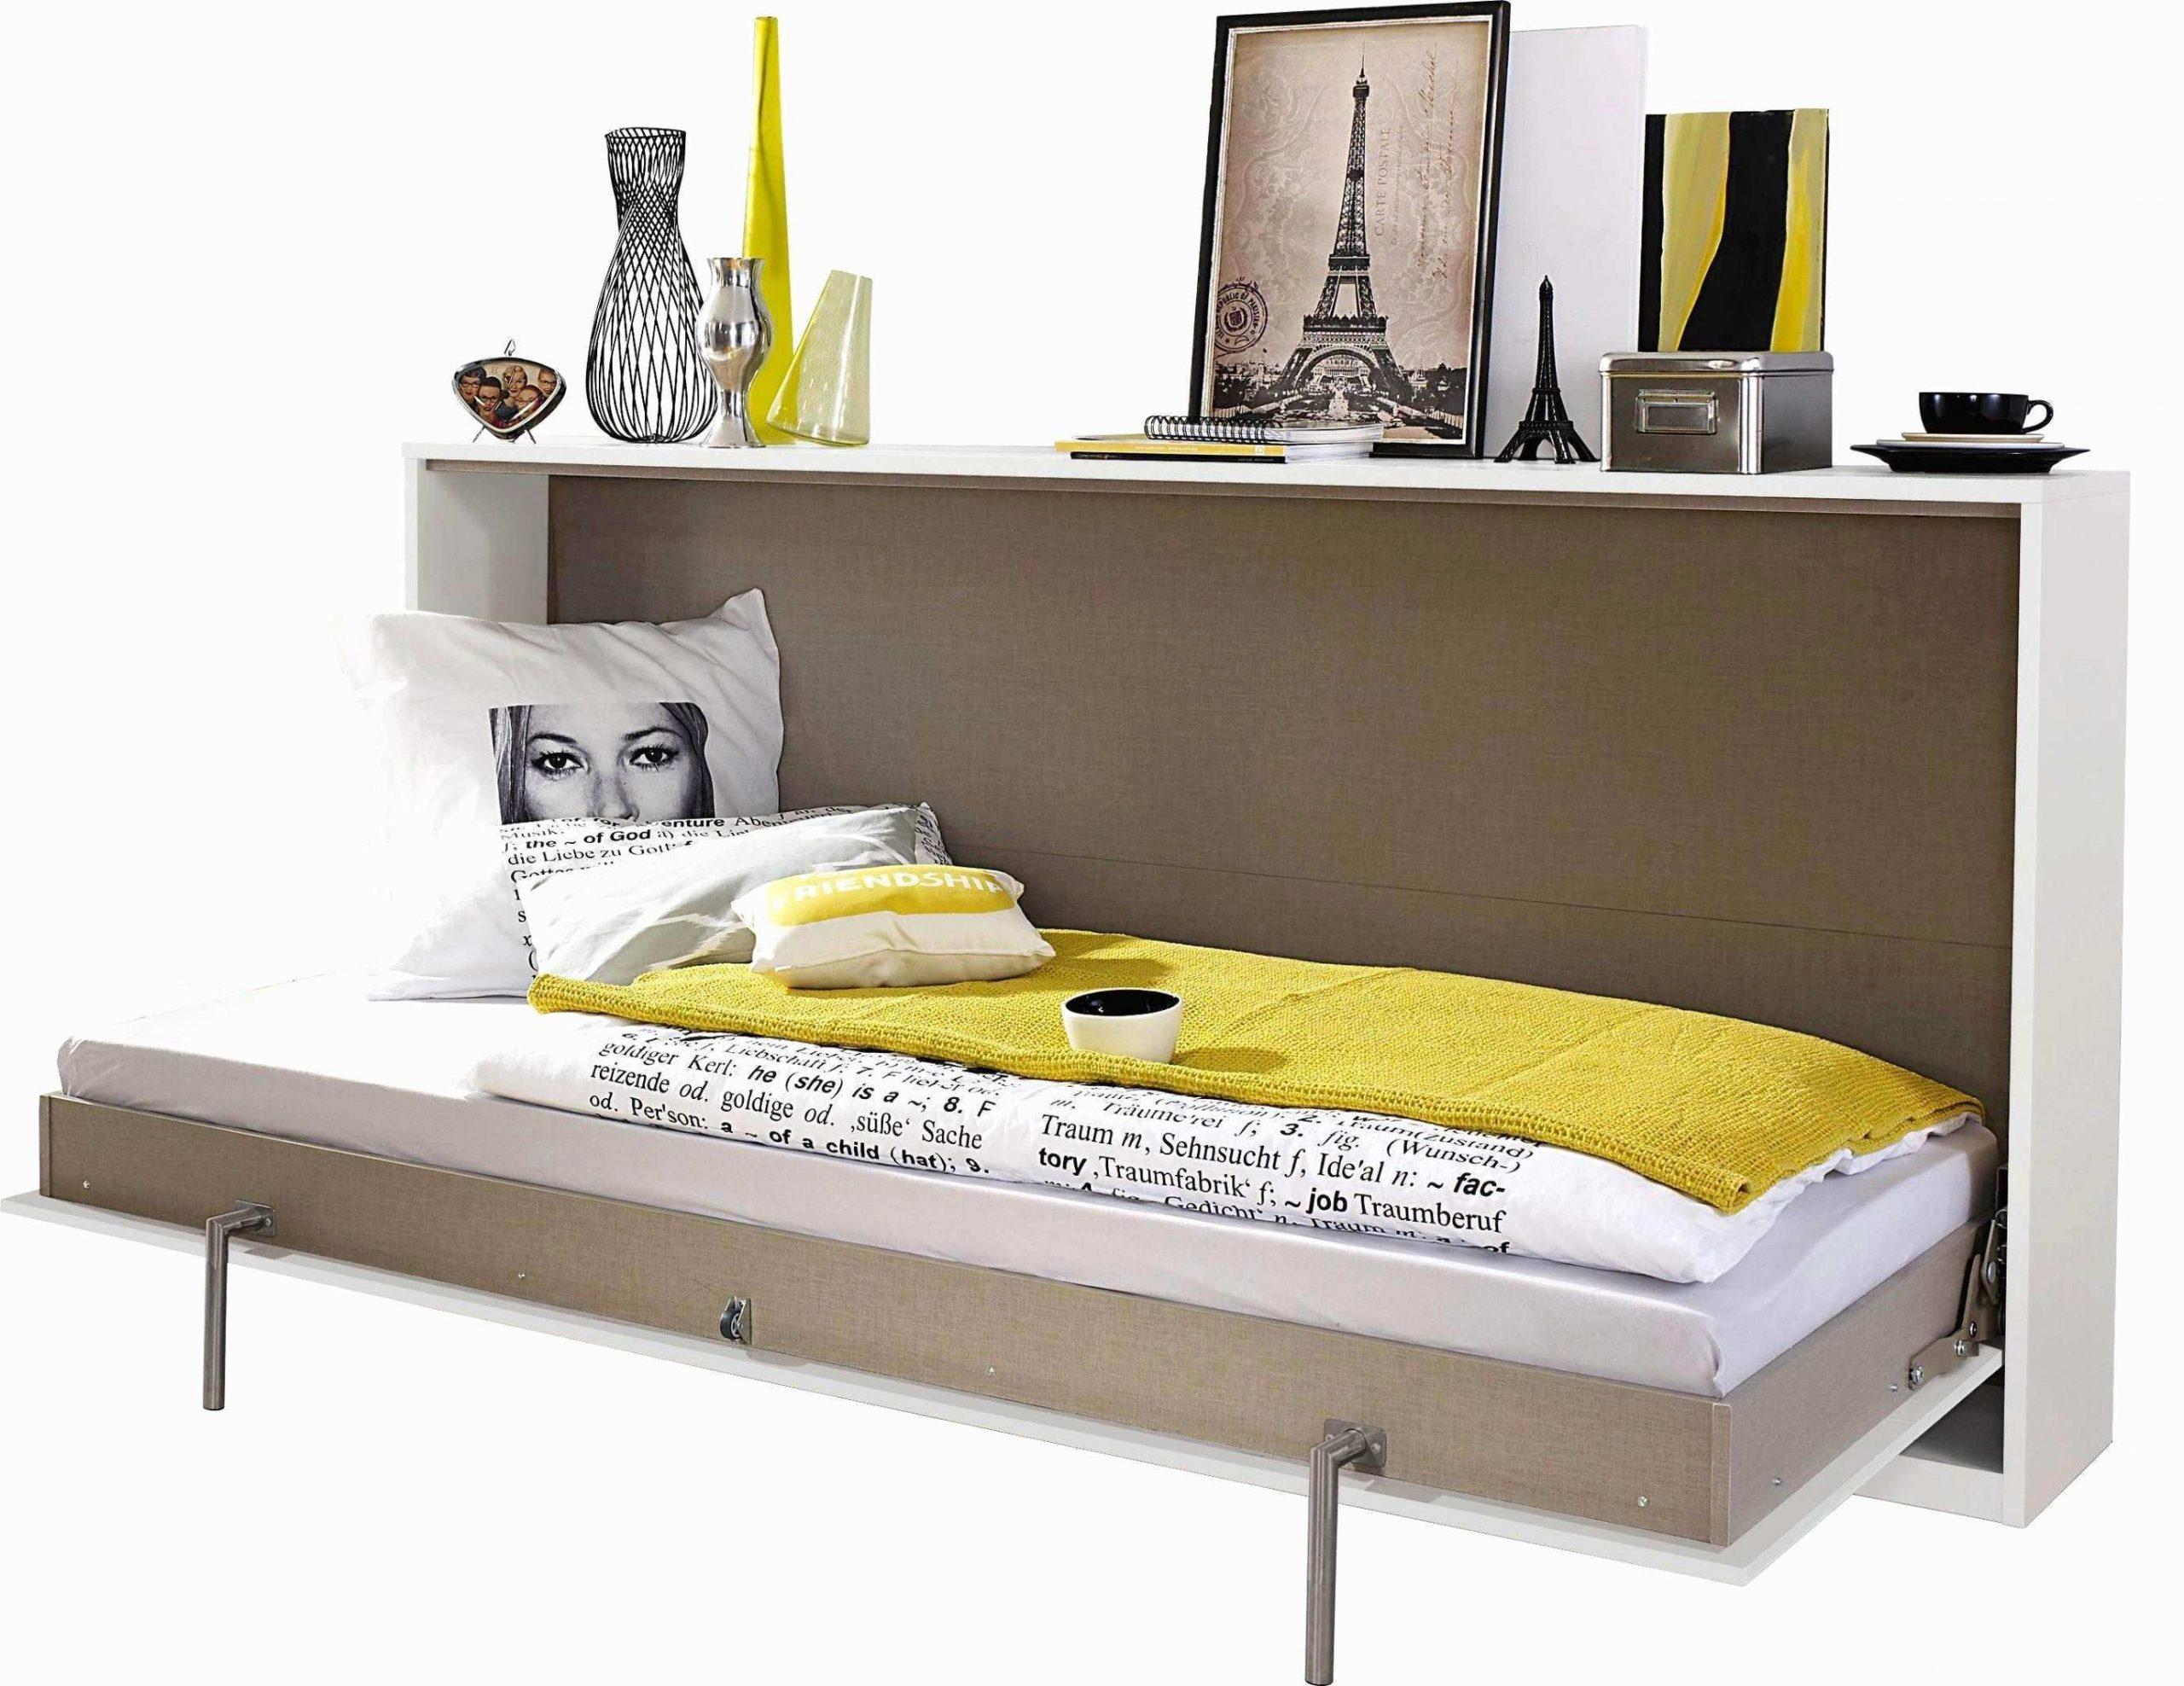 Tour De Rangement Plastique Ikea Die 35 Besten Bilder Von ... dedans Luckytroll Ikea